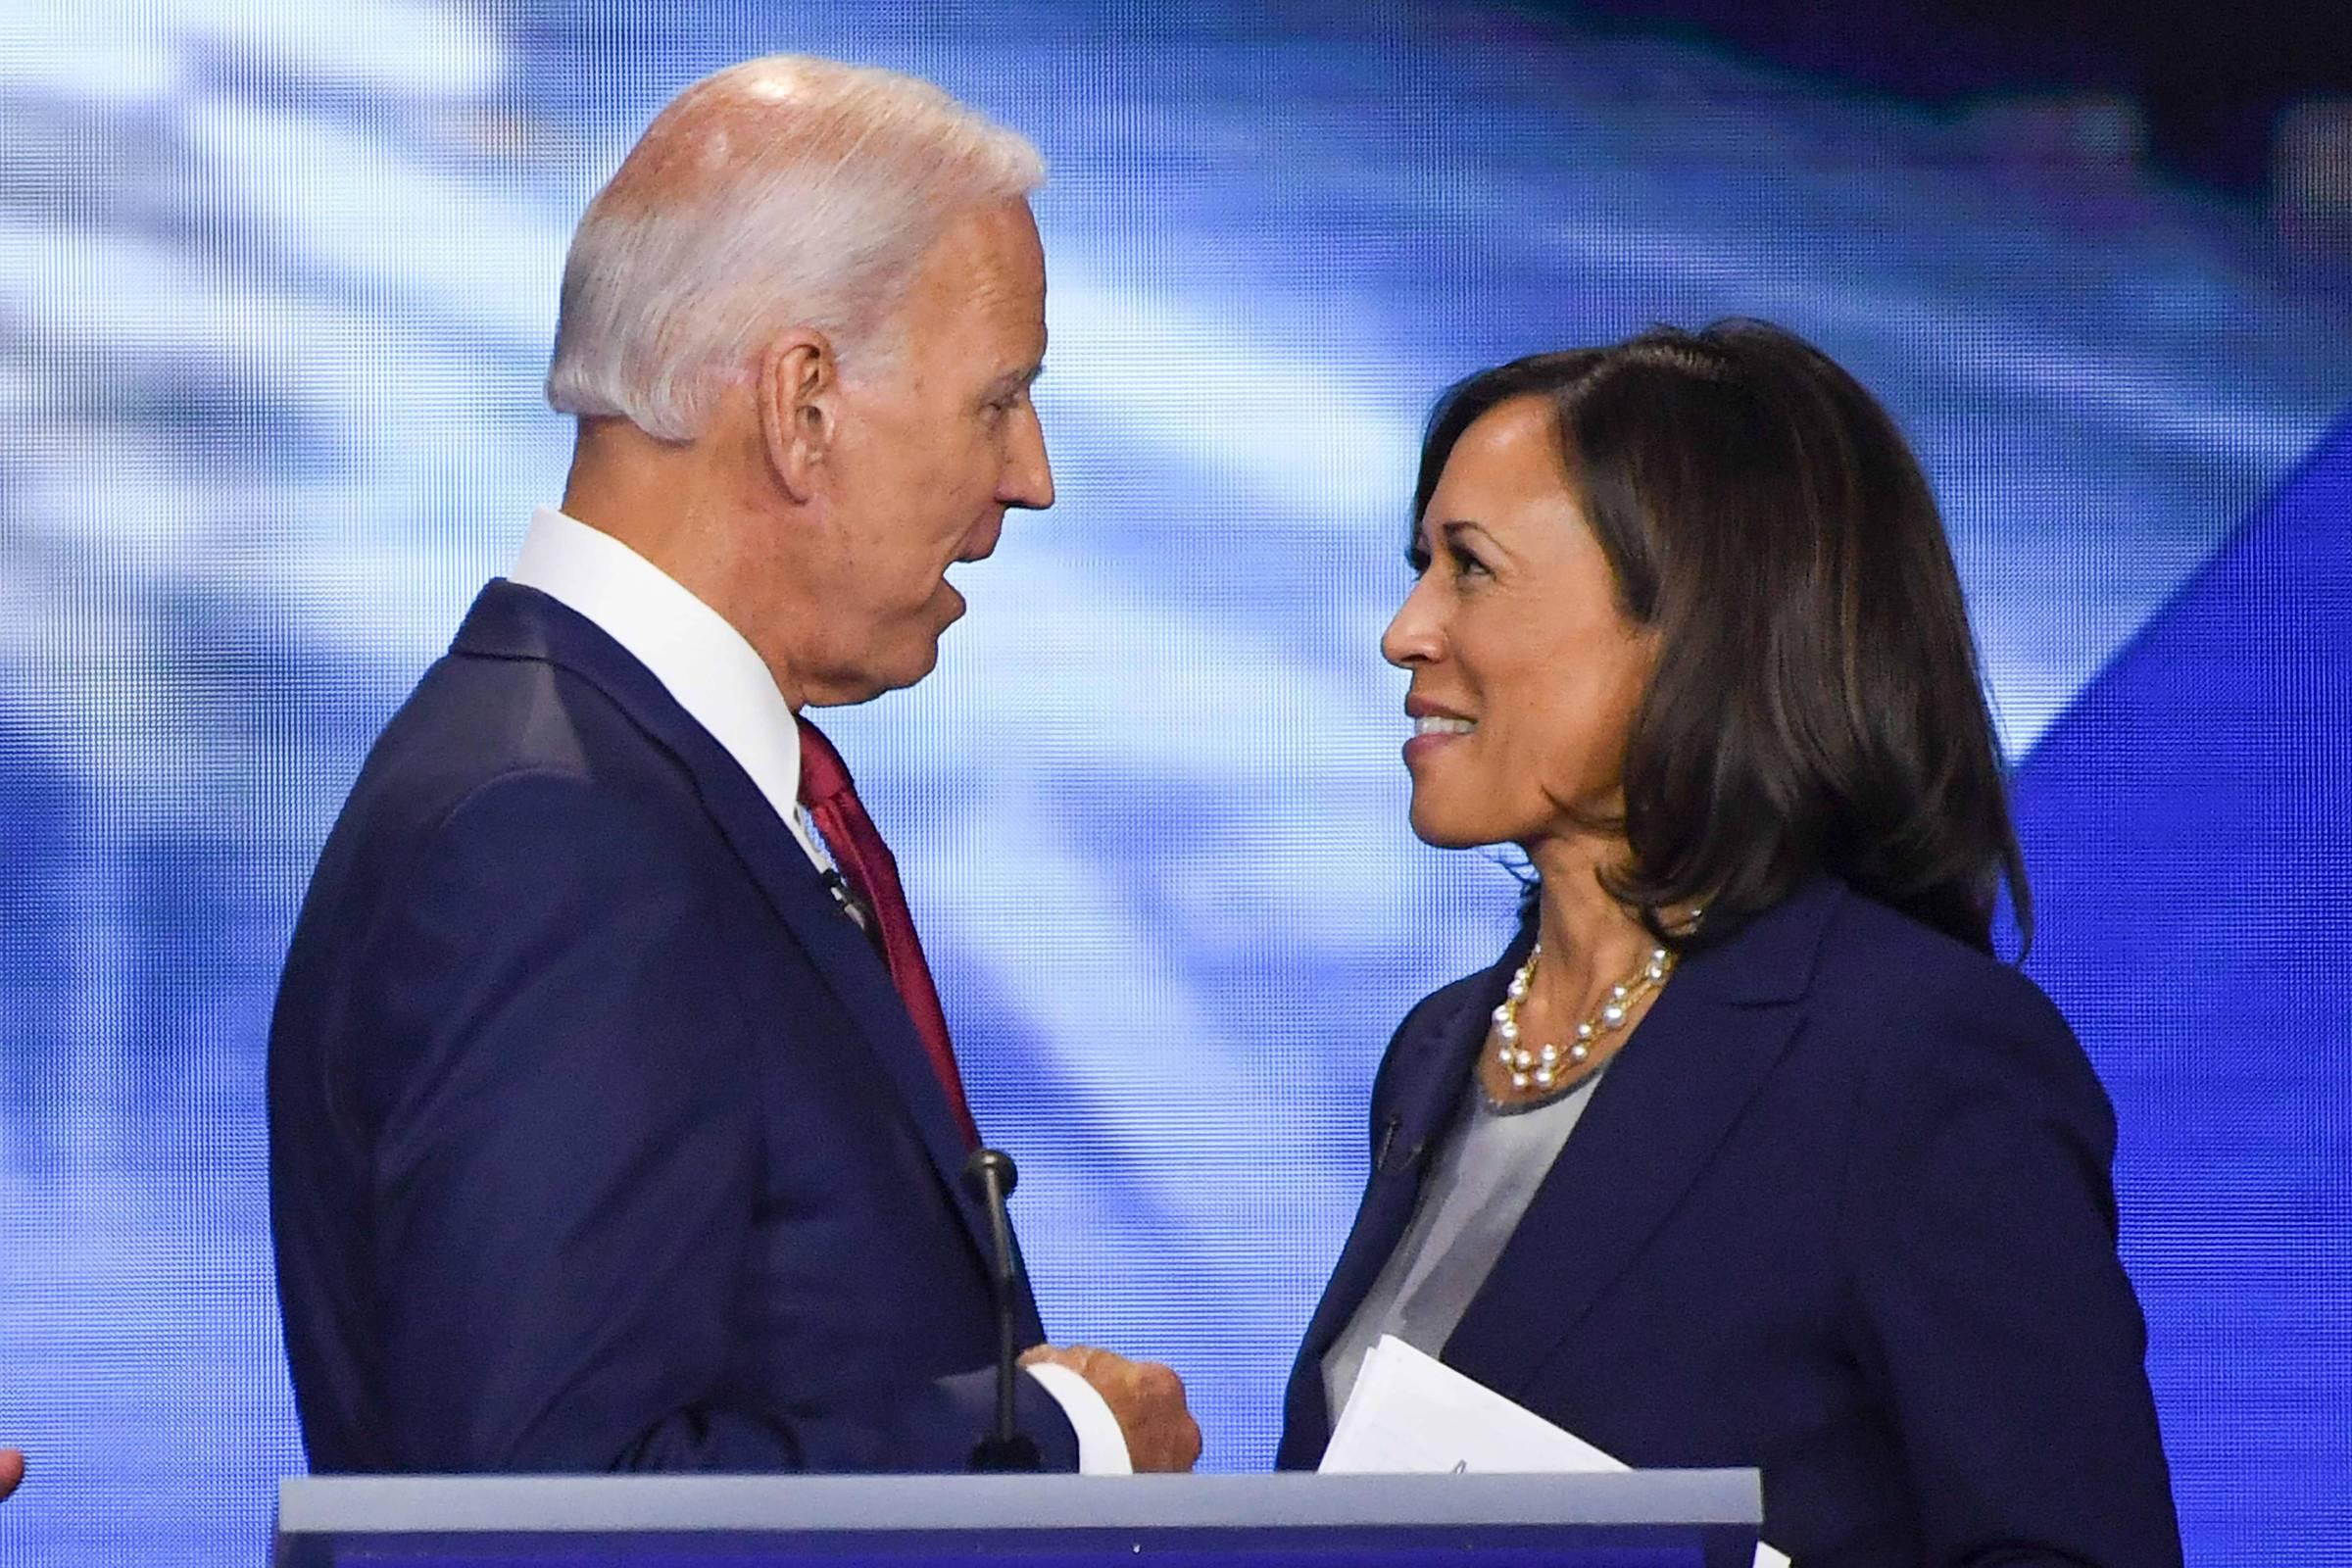 Joe Biden conversa com Kamala Harris no terceiro debate pela indicação democrata em Houston, Texas - Robyn Beck/AFP